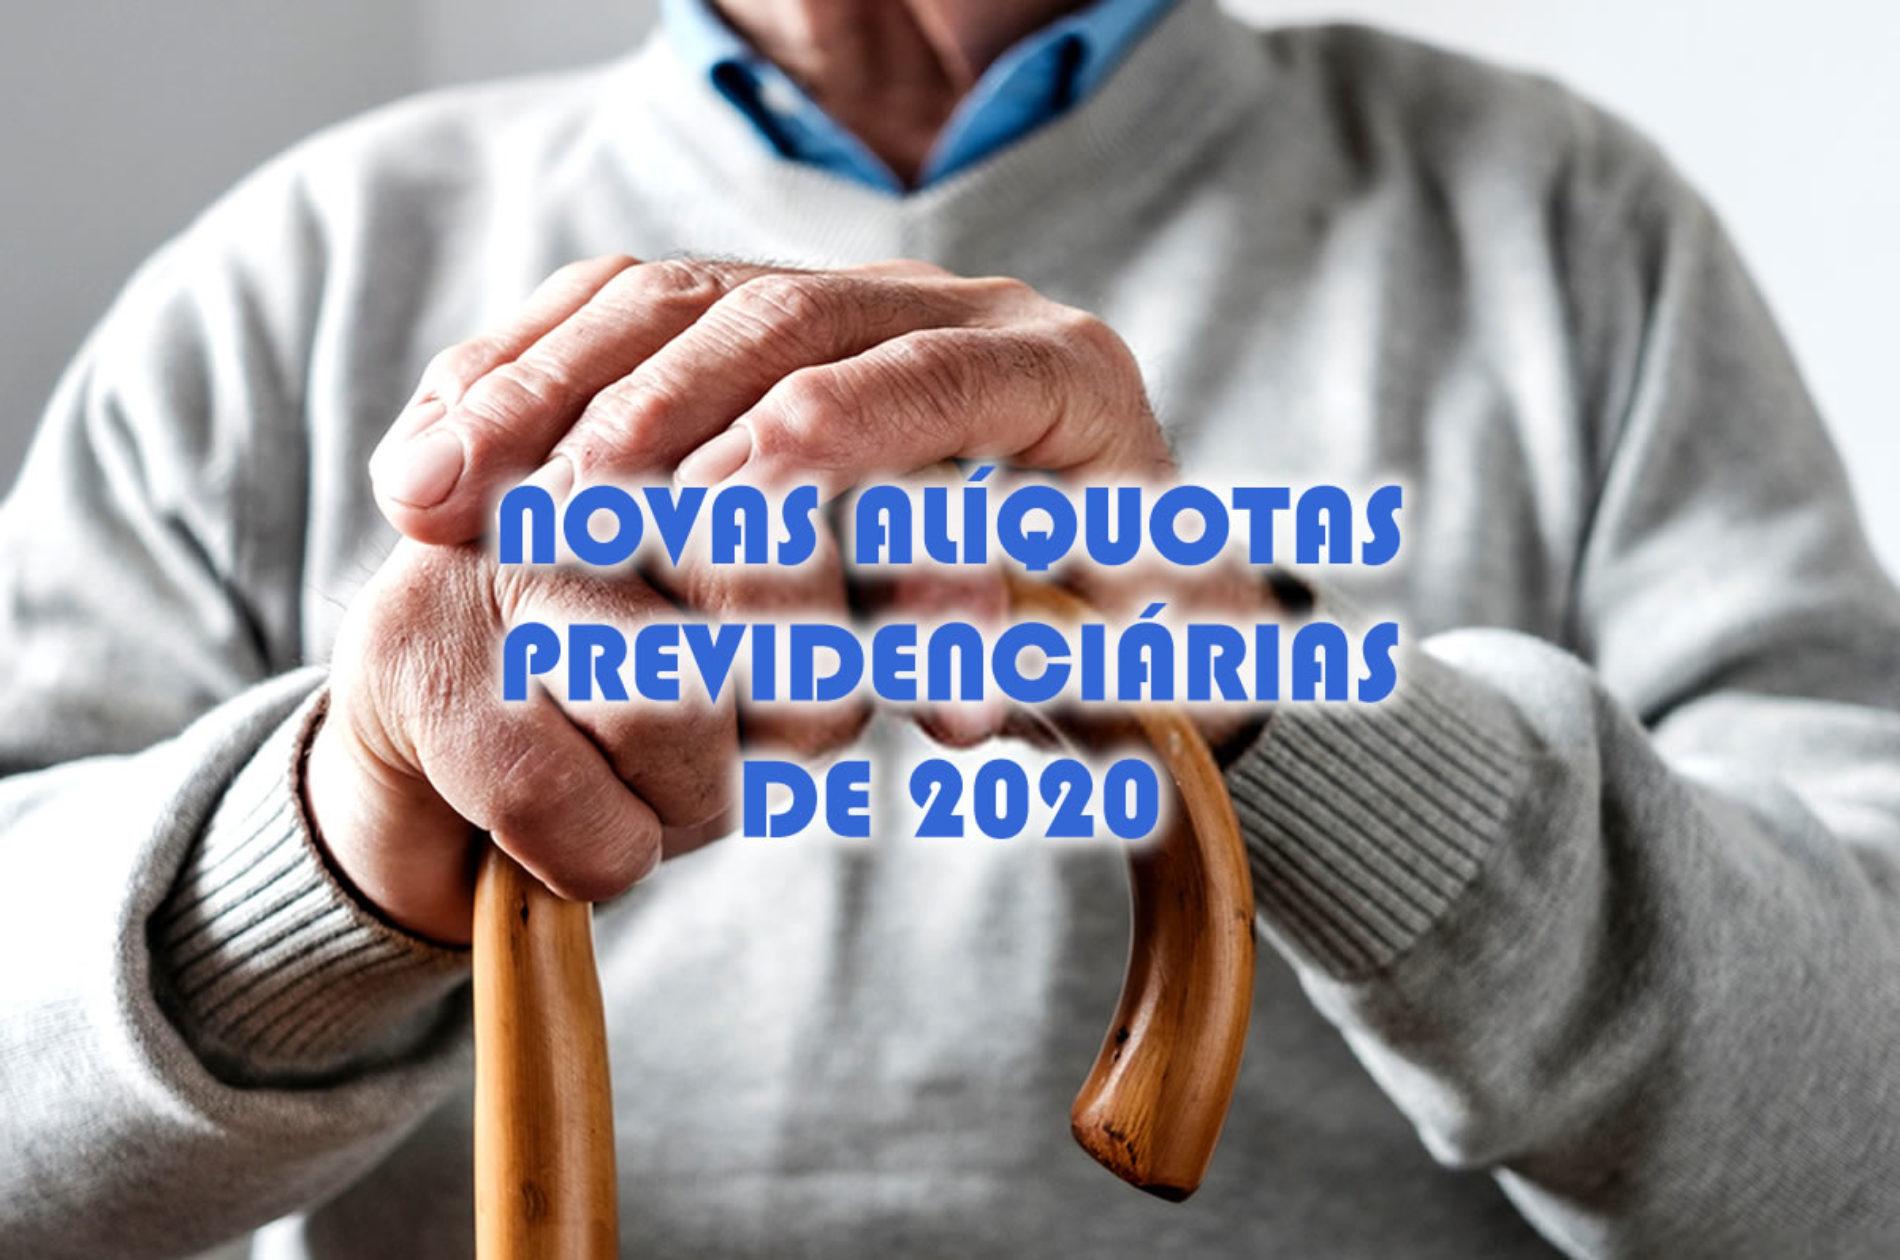 Novas alíquotas previdenciárias do INSS para 2020